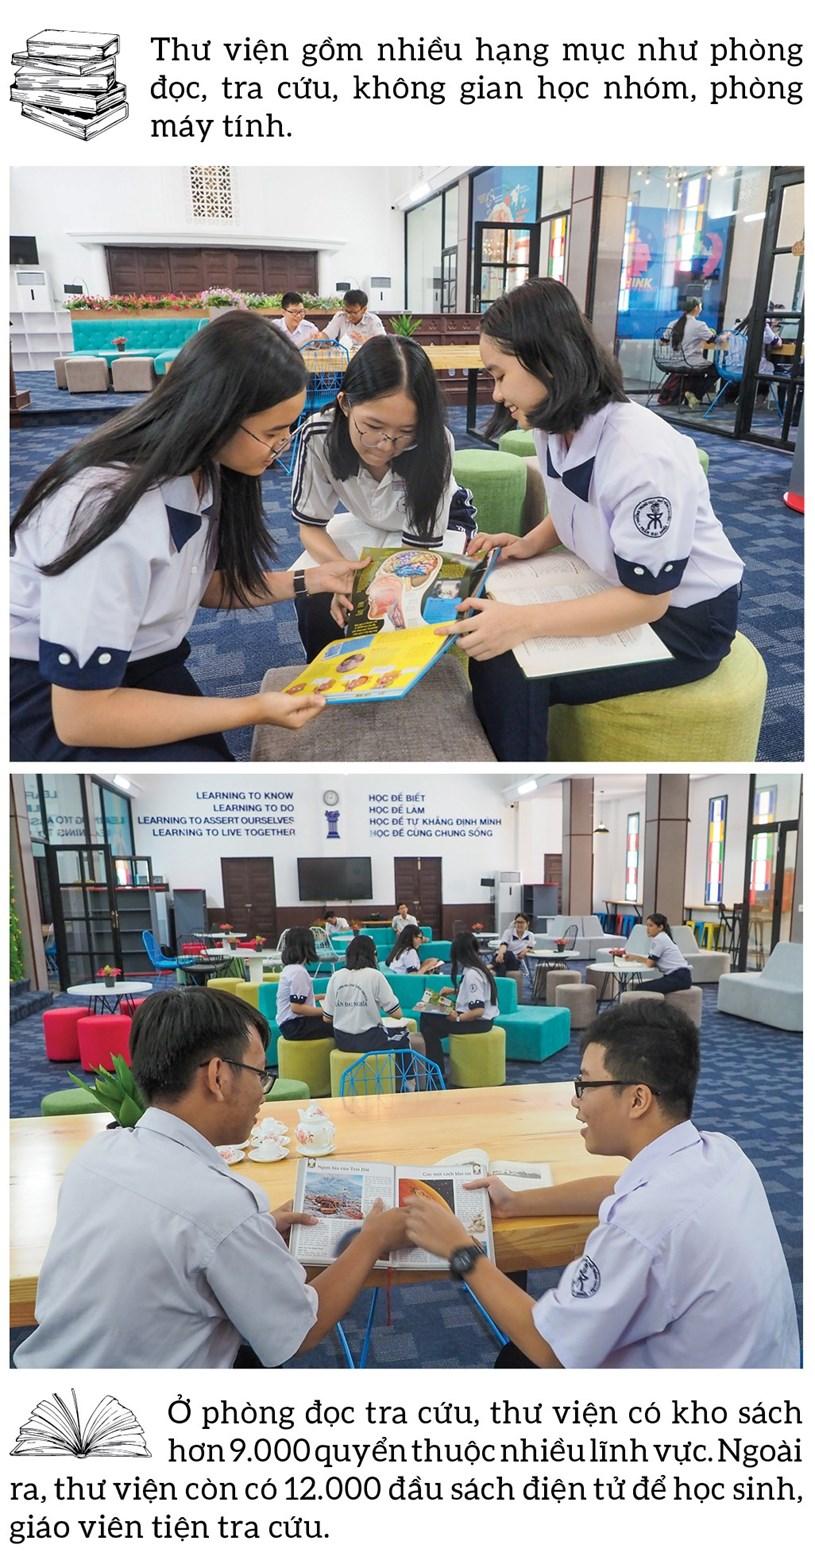 Đến thăm thư viện 5 sao Trường THPT chuyên Trần Đại Nghĩa - Ảnh 7